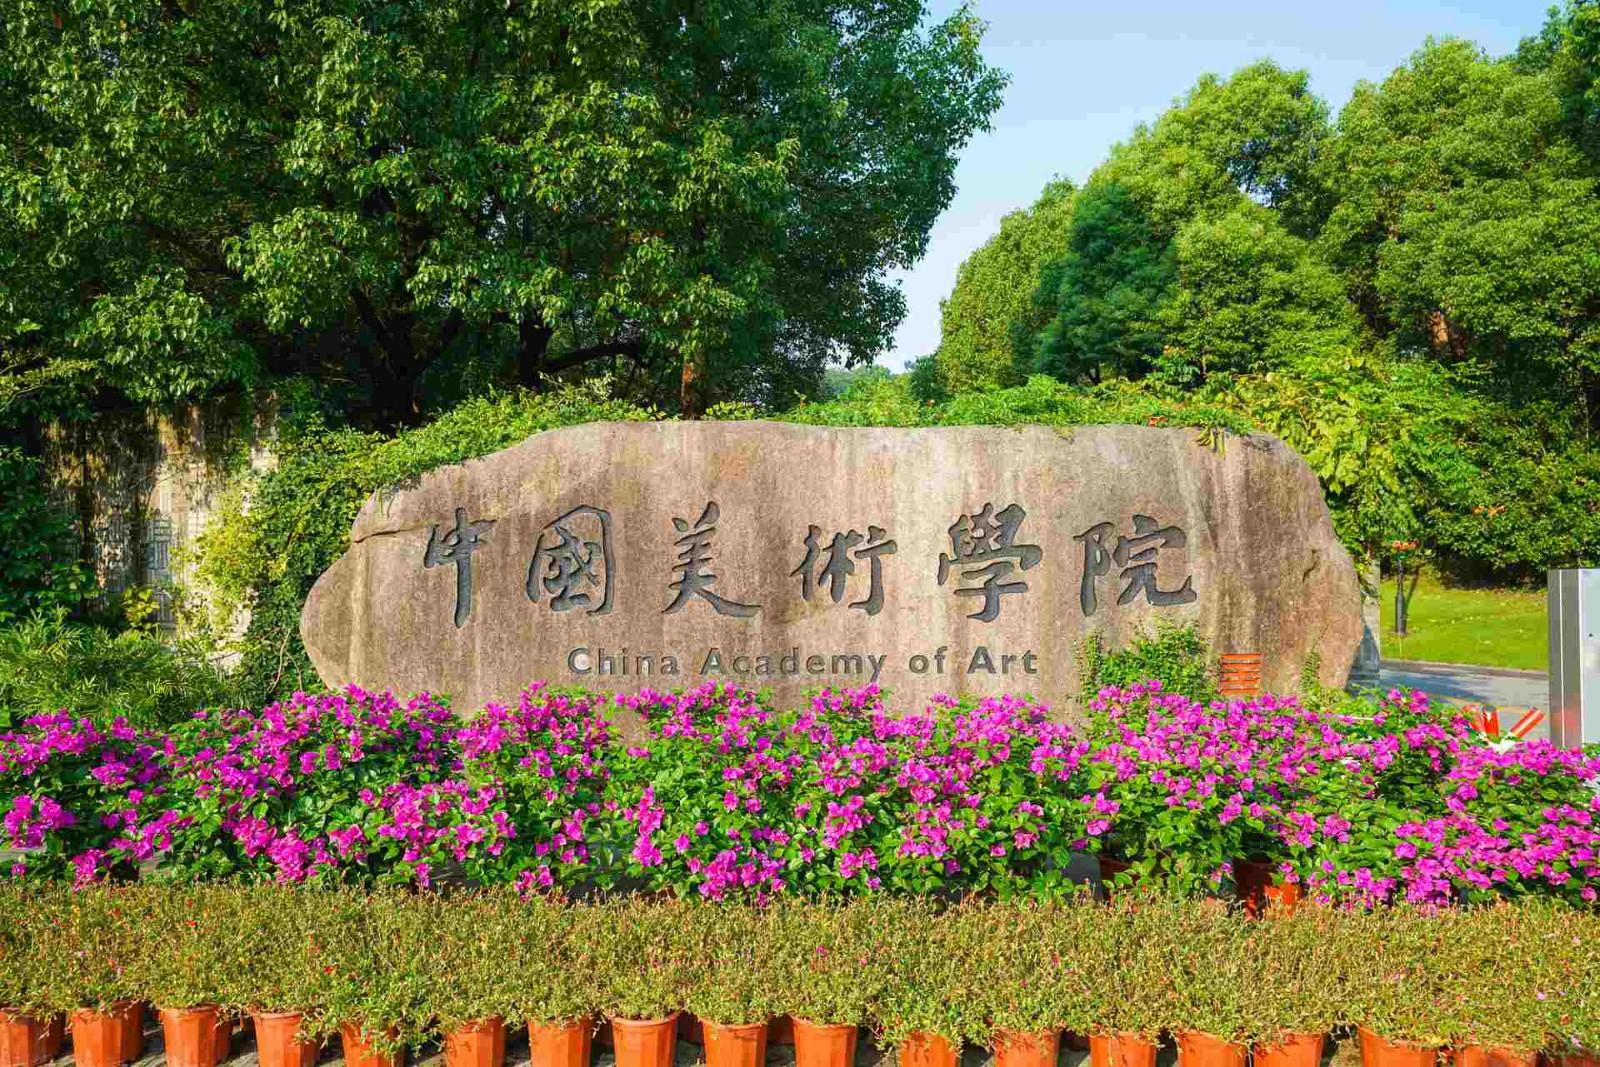 中國美術學院校景圖集